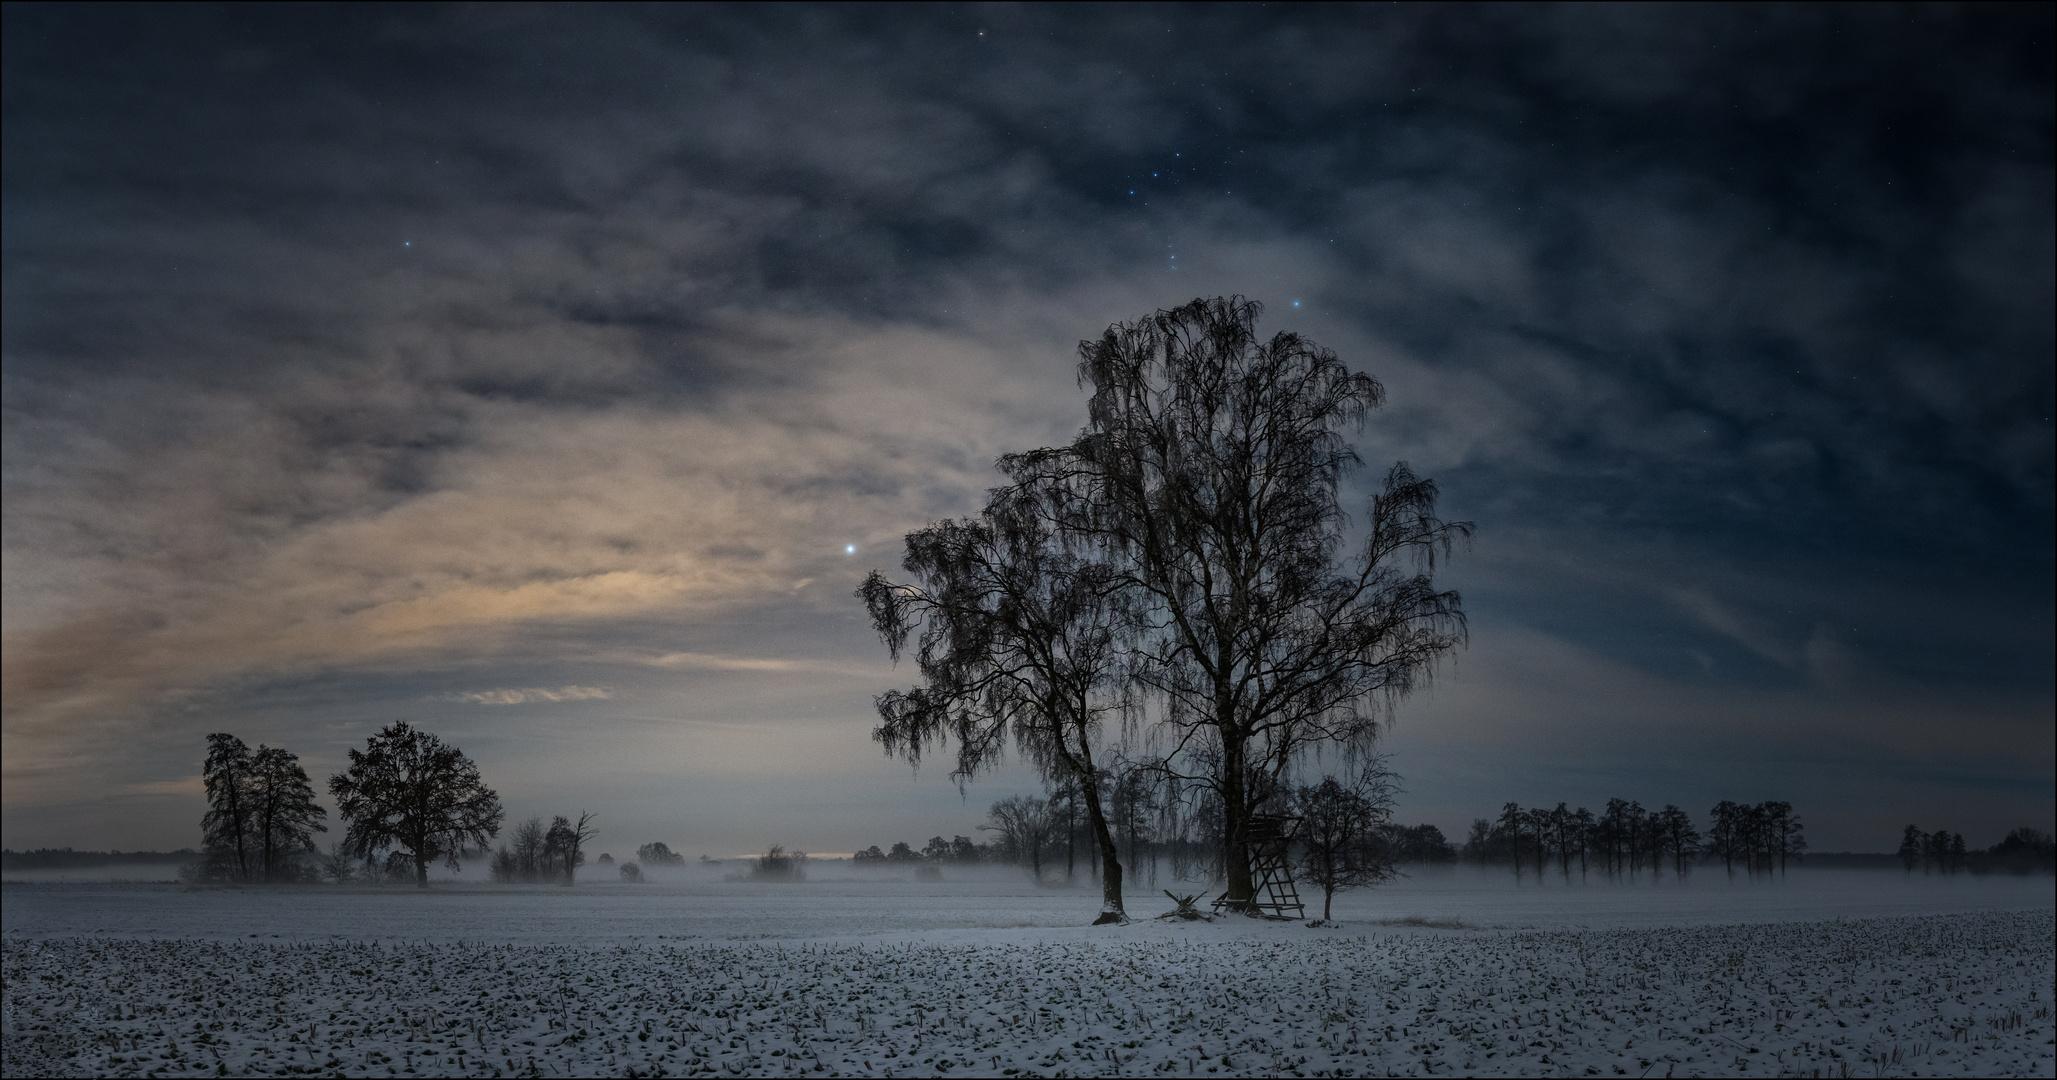 * Orion Tree *